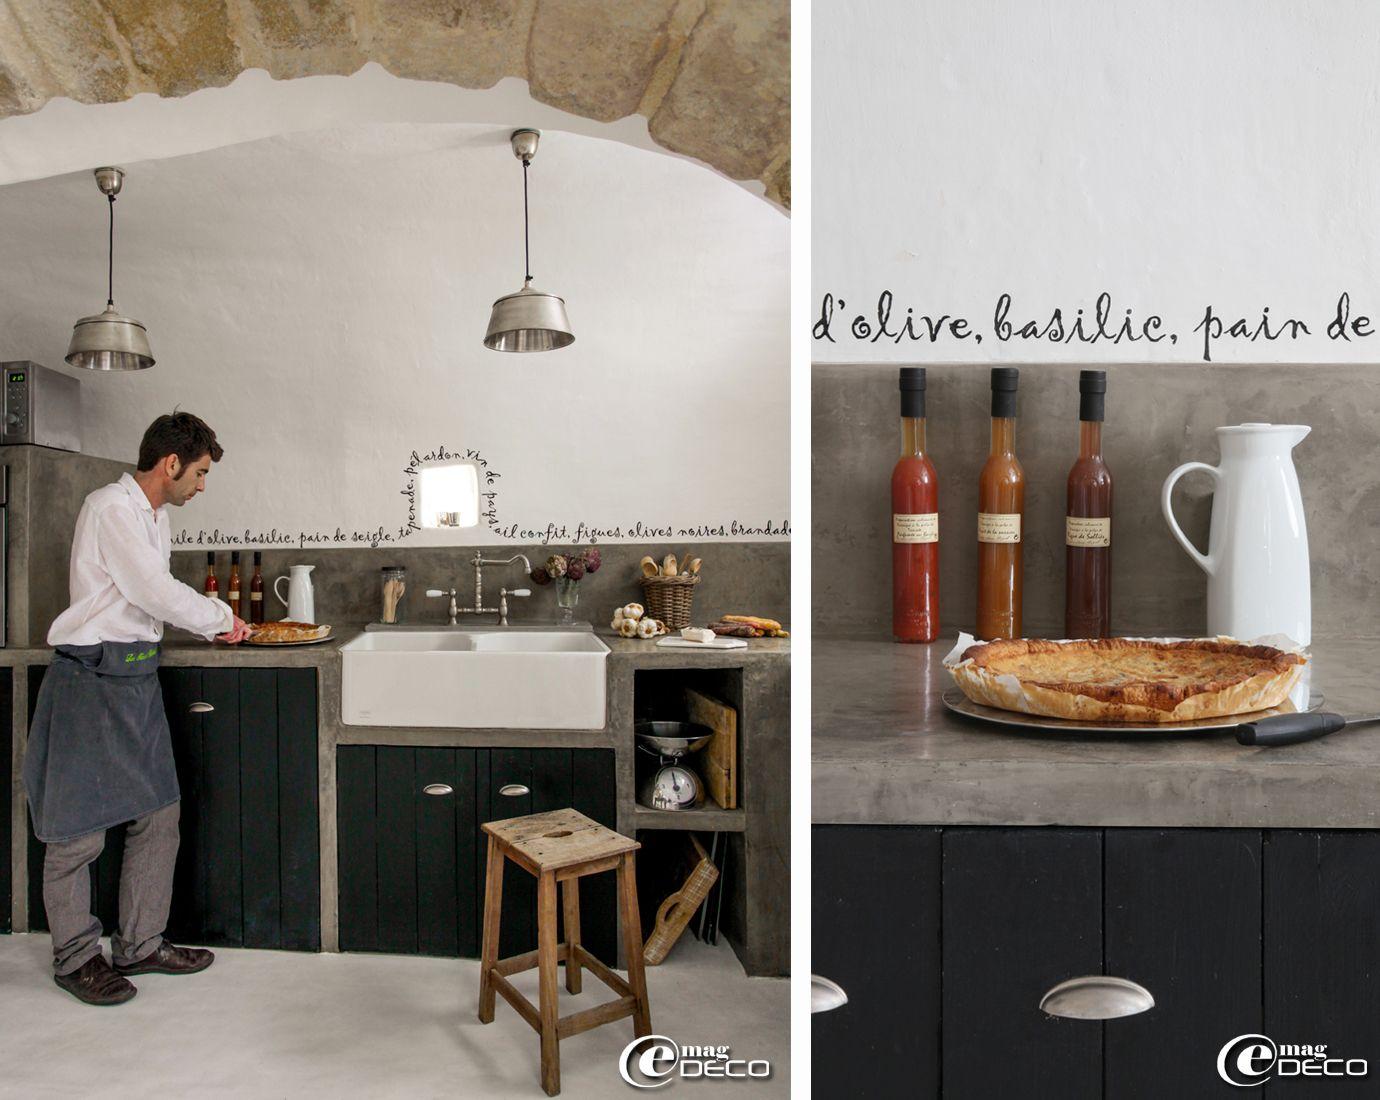 Großzügig Französisch Design Küche Aufkantung Zeitgenössisch - Ideen ...